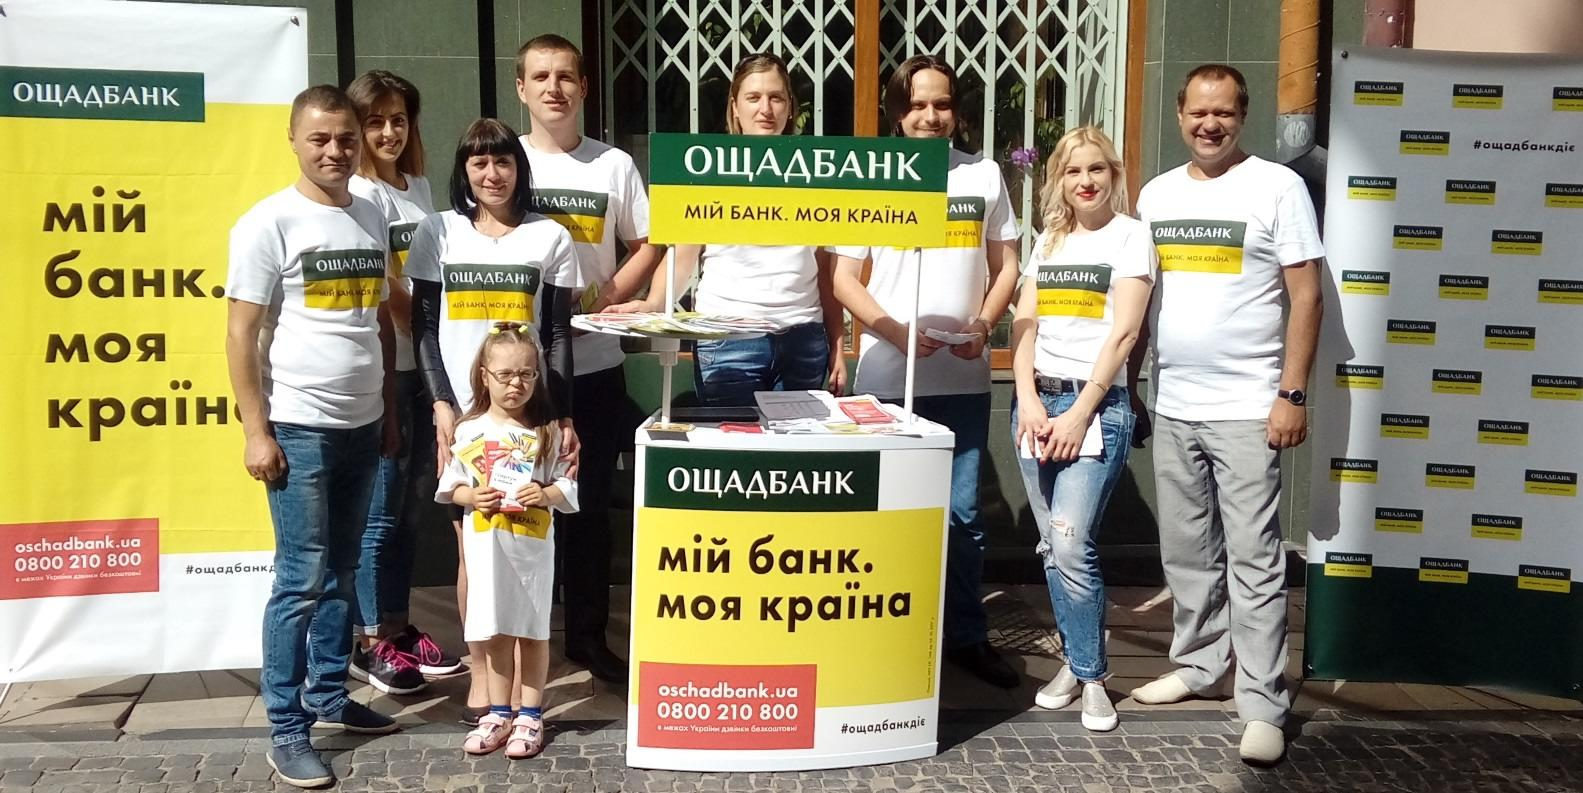 История внедрения контакт центра в крупнейший банк Украины